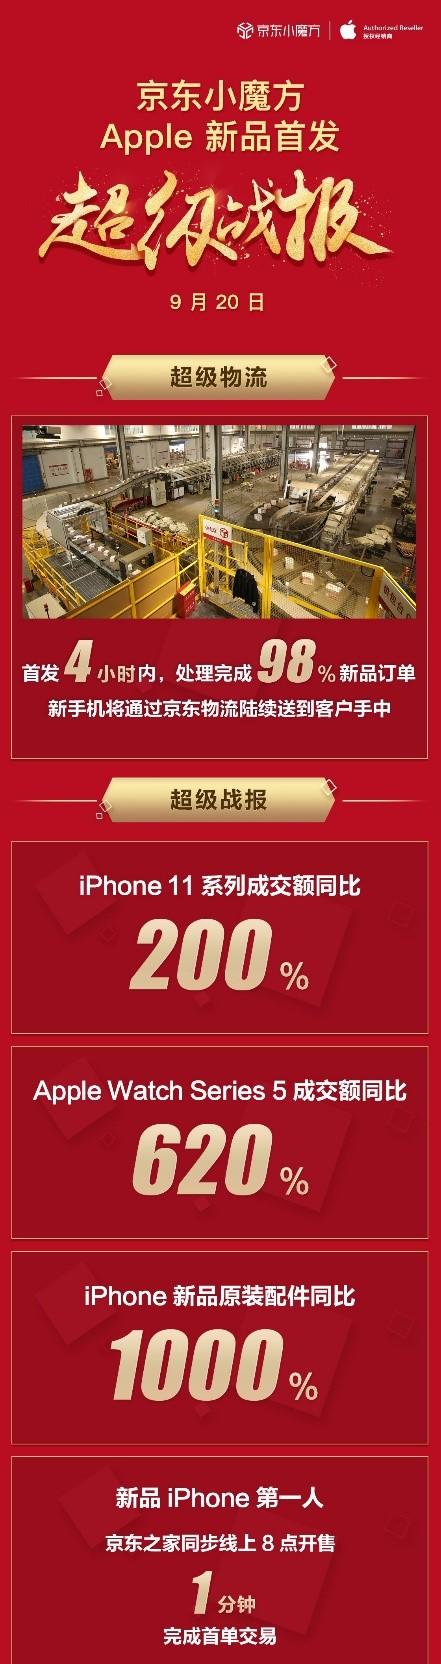 Apple新品京东现货开售战报出炉,iPhone 11系列成交额同比增长200%